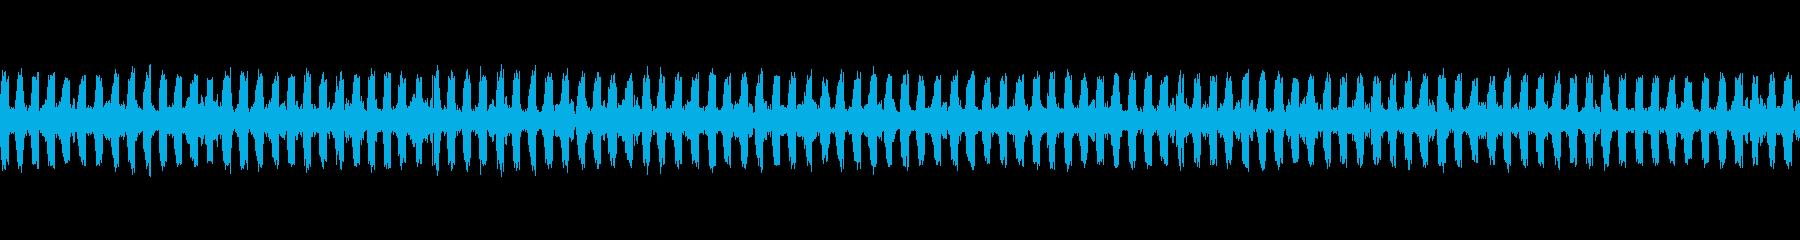 [秋の夜長] 虫の音-ツヅレサセコオロギの再生済みの波形